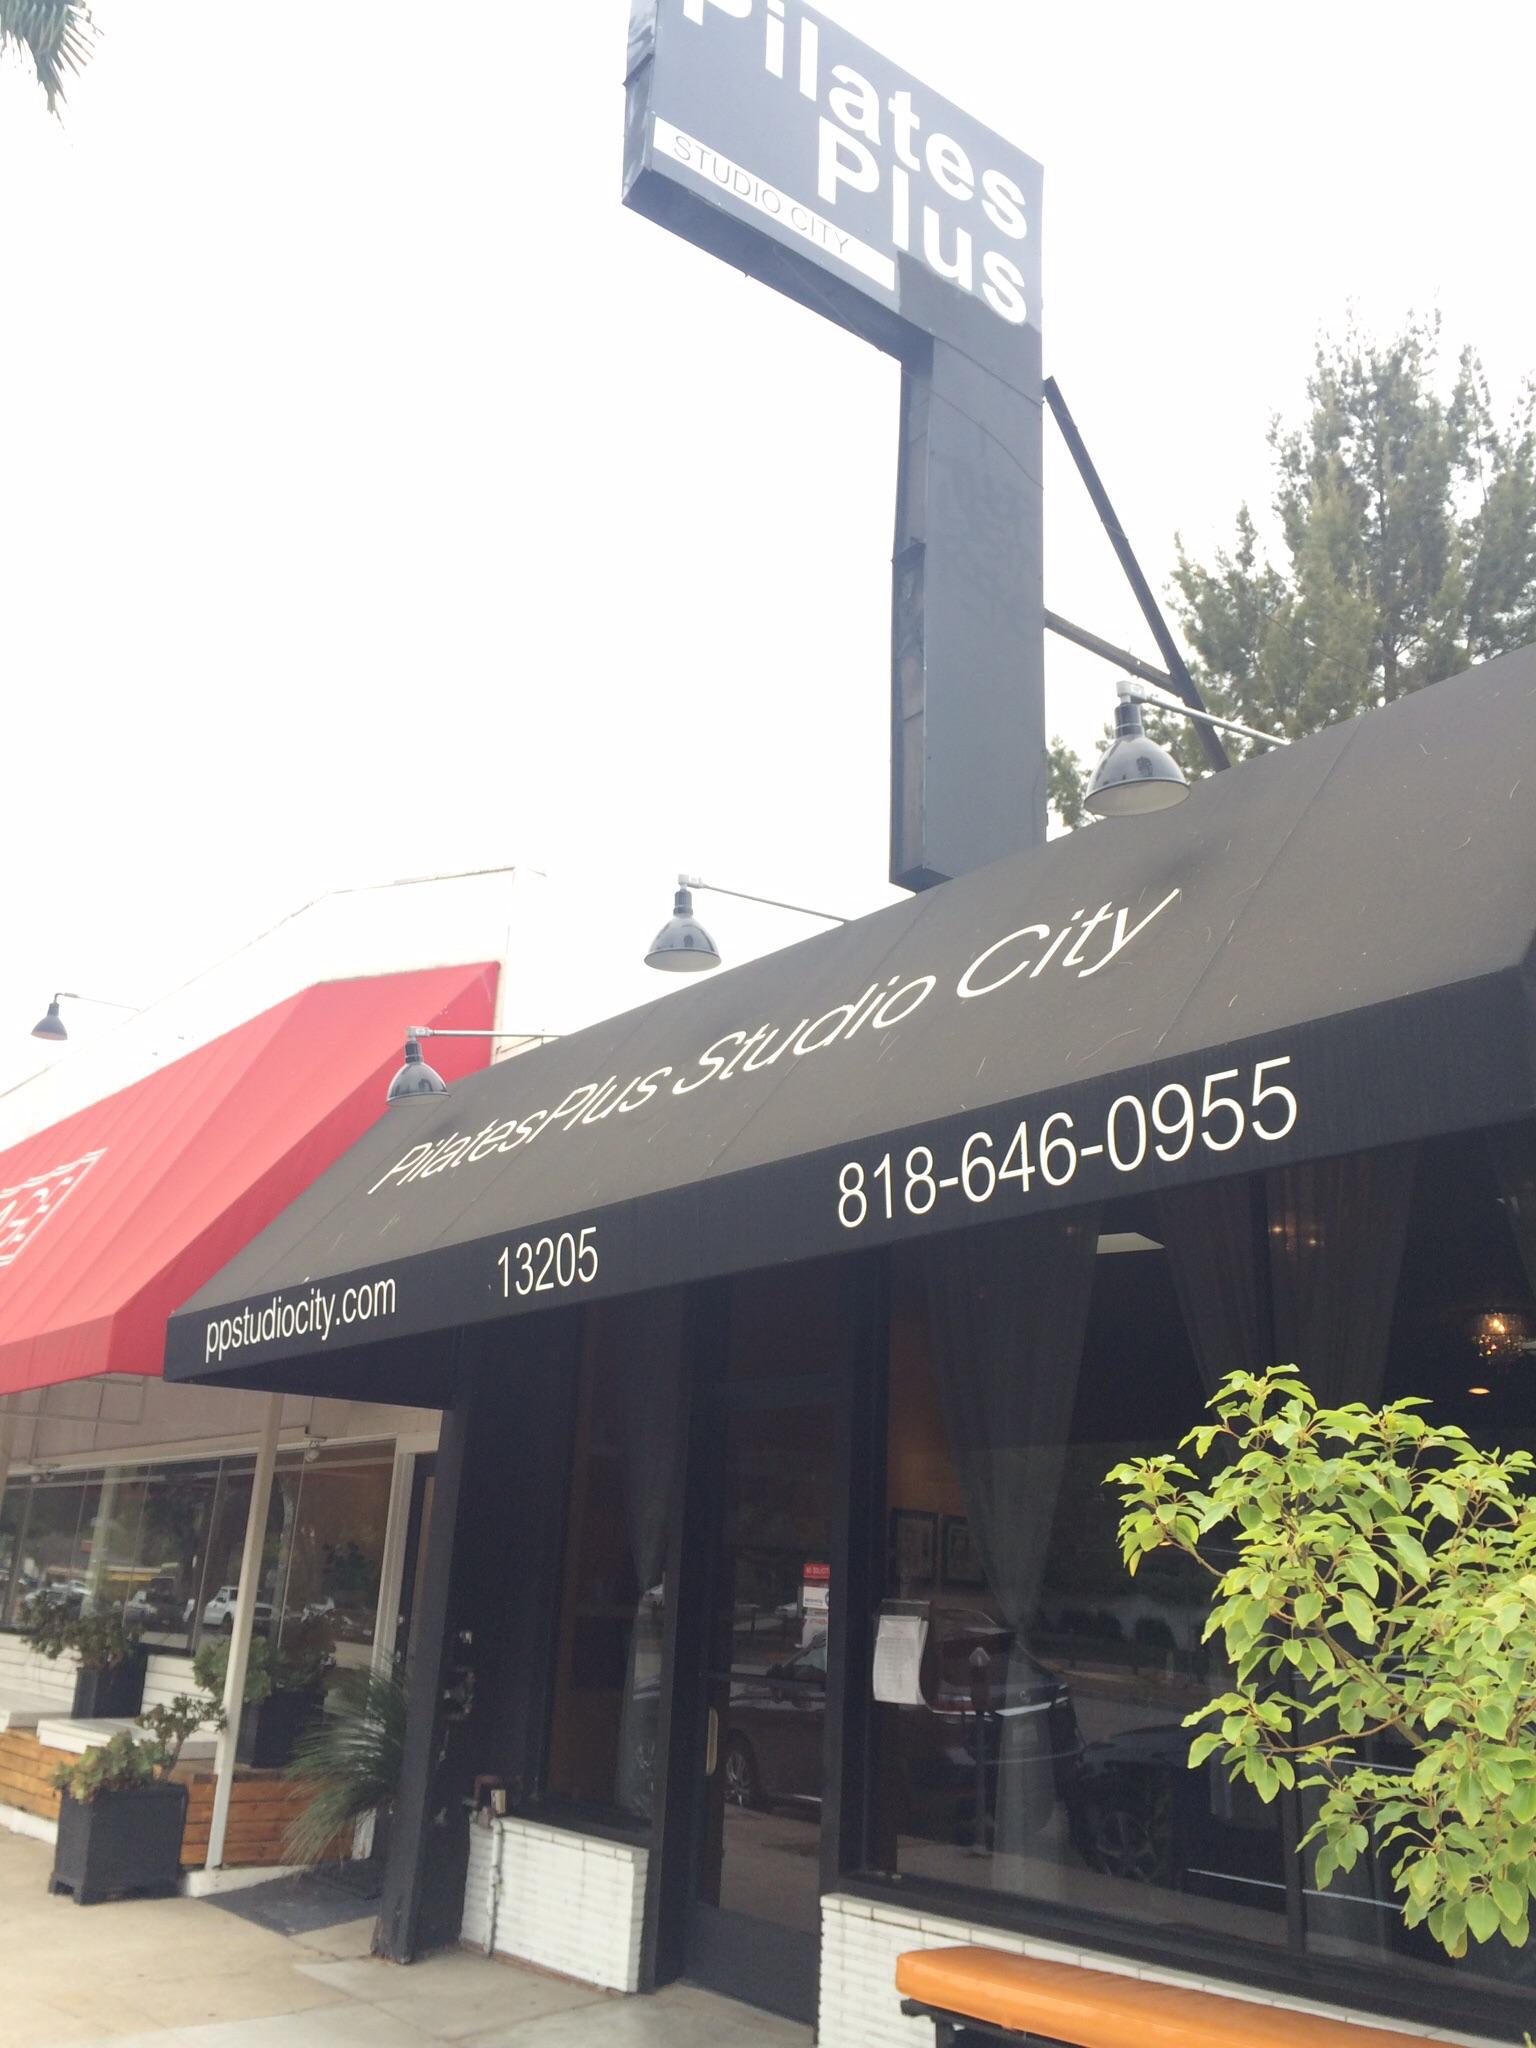 Pilates Plus Studio City located on Ventura Blvd